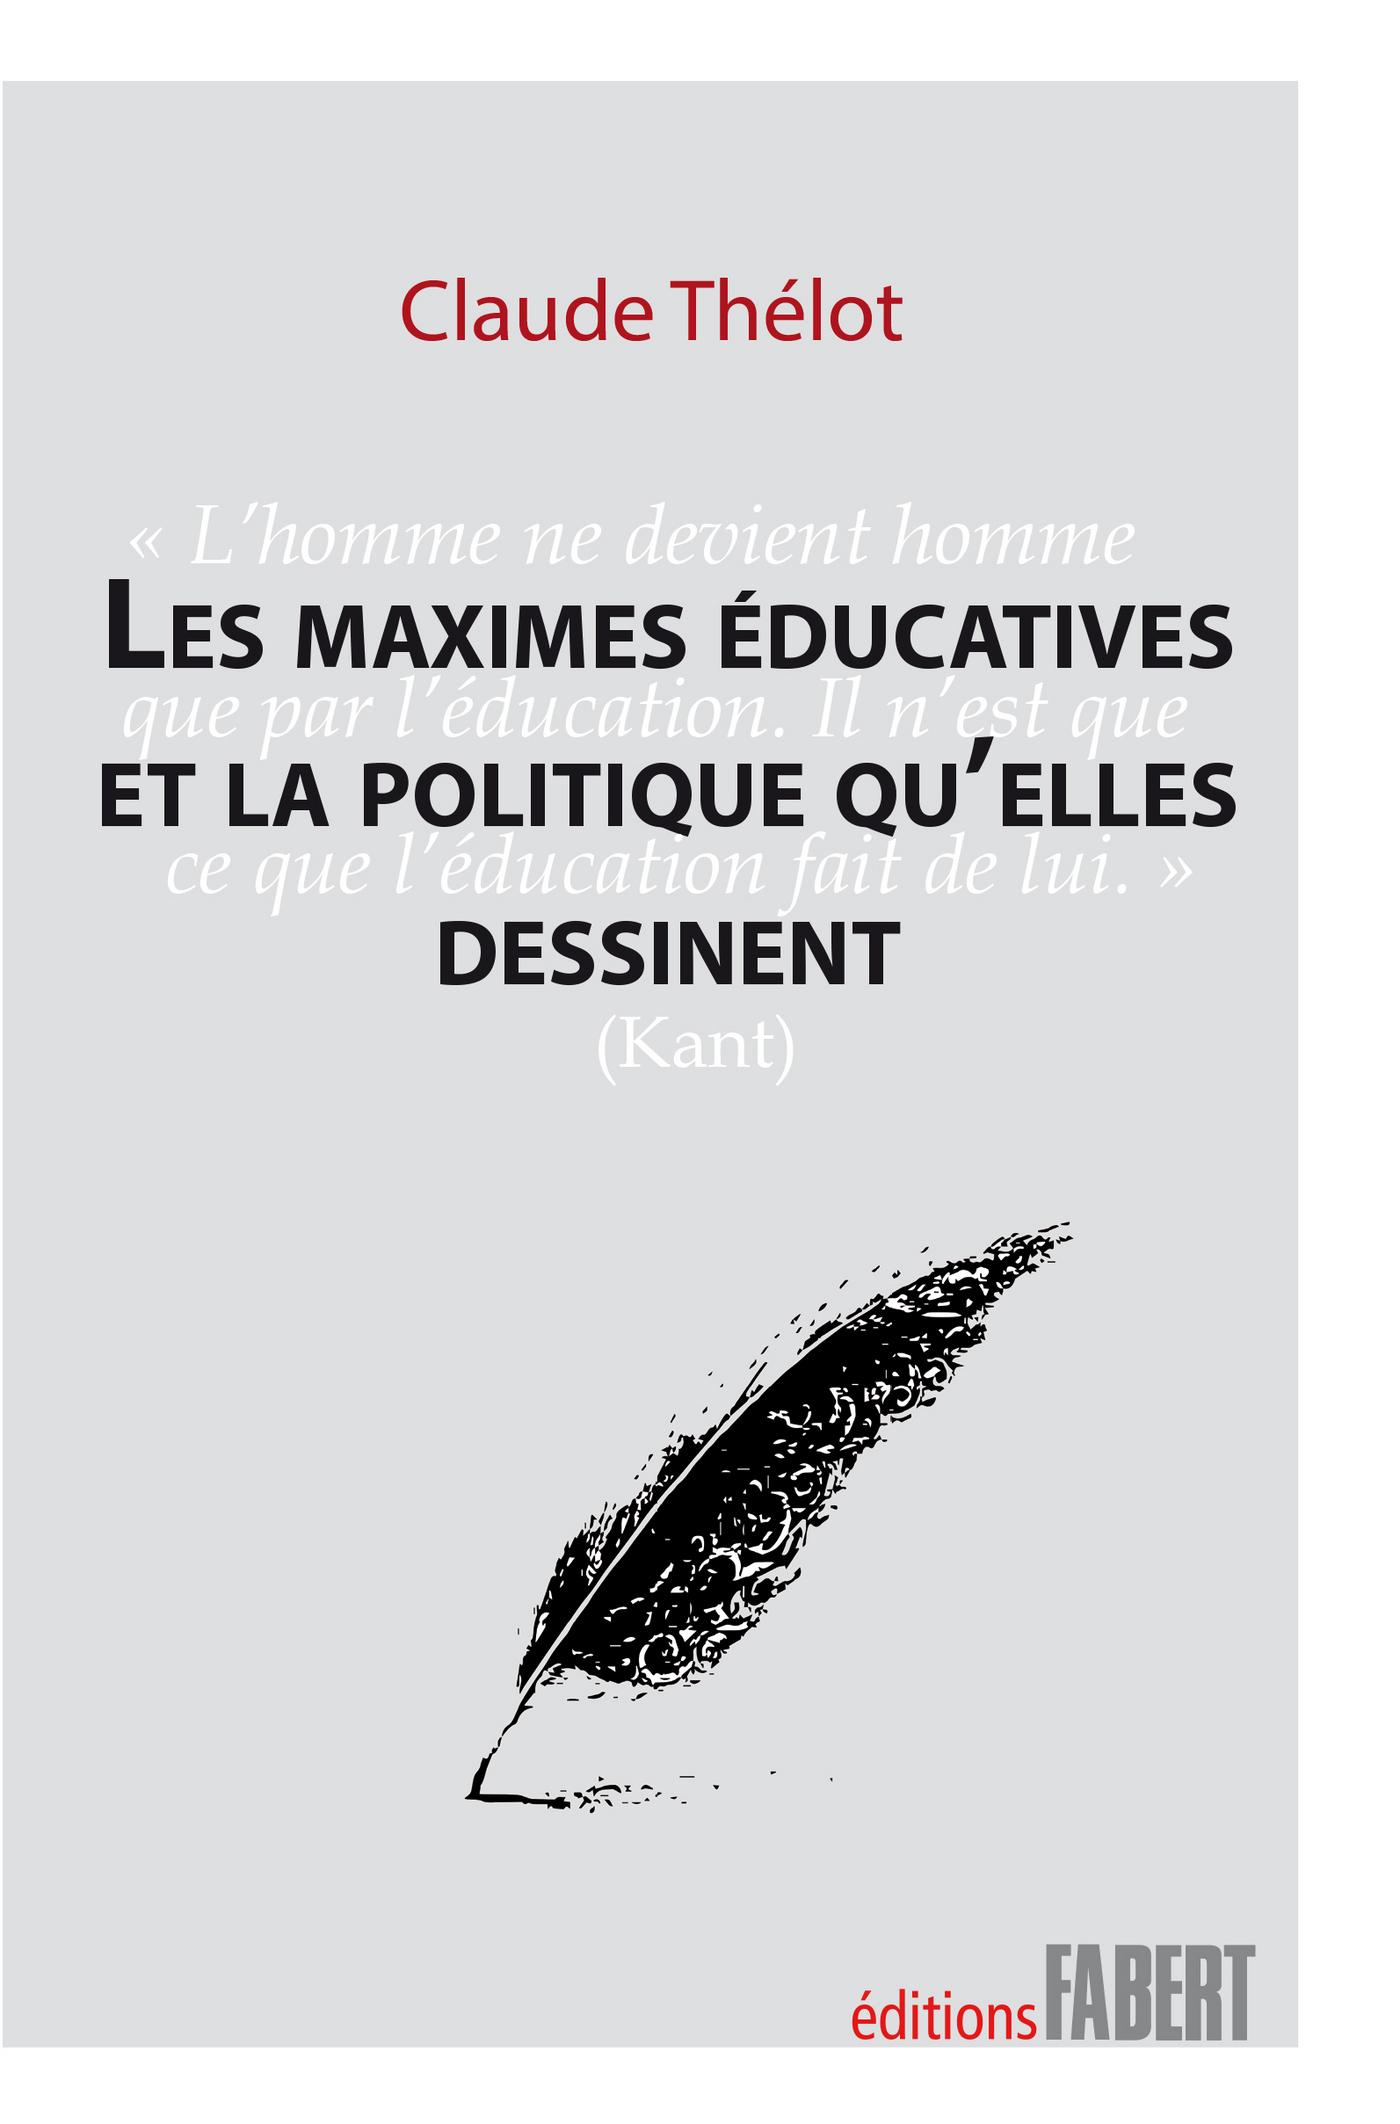 LES MAXIMES EDUCATIVES ET LA POLITIQUE QU'ELLES DESSINENT